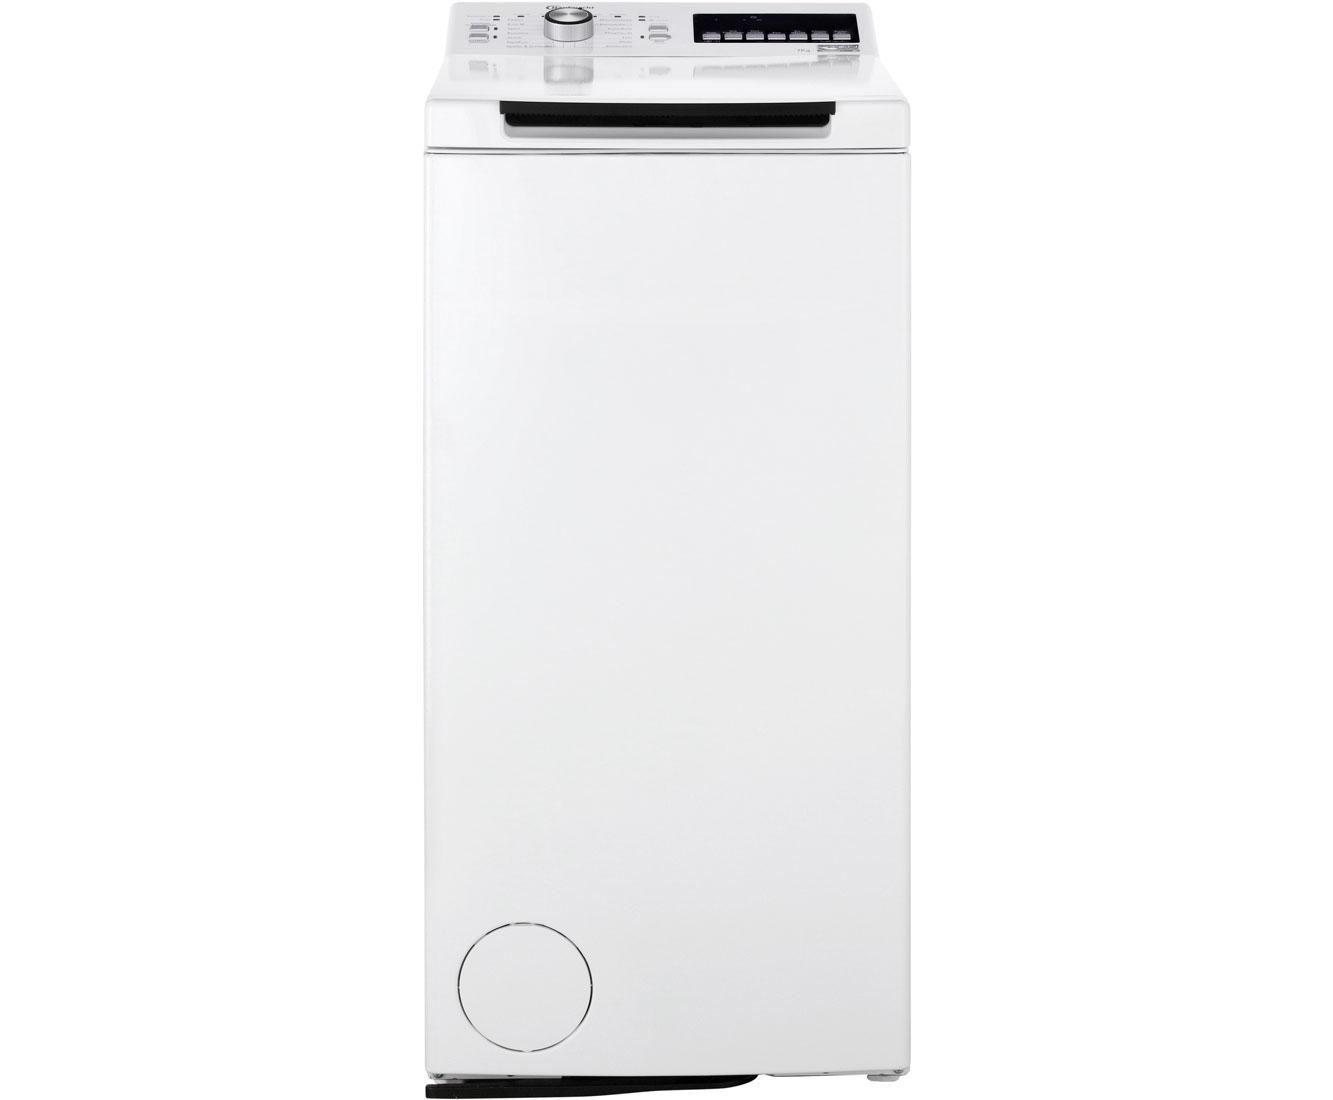 bauknecht wat prime 652 z waschmaschine freistehend weiss neu ebay. Black Bedroom Furniture Sets. Home Design Ideas